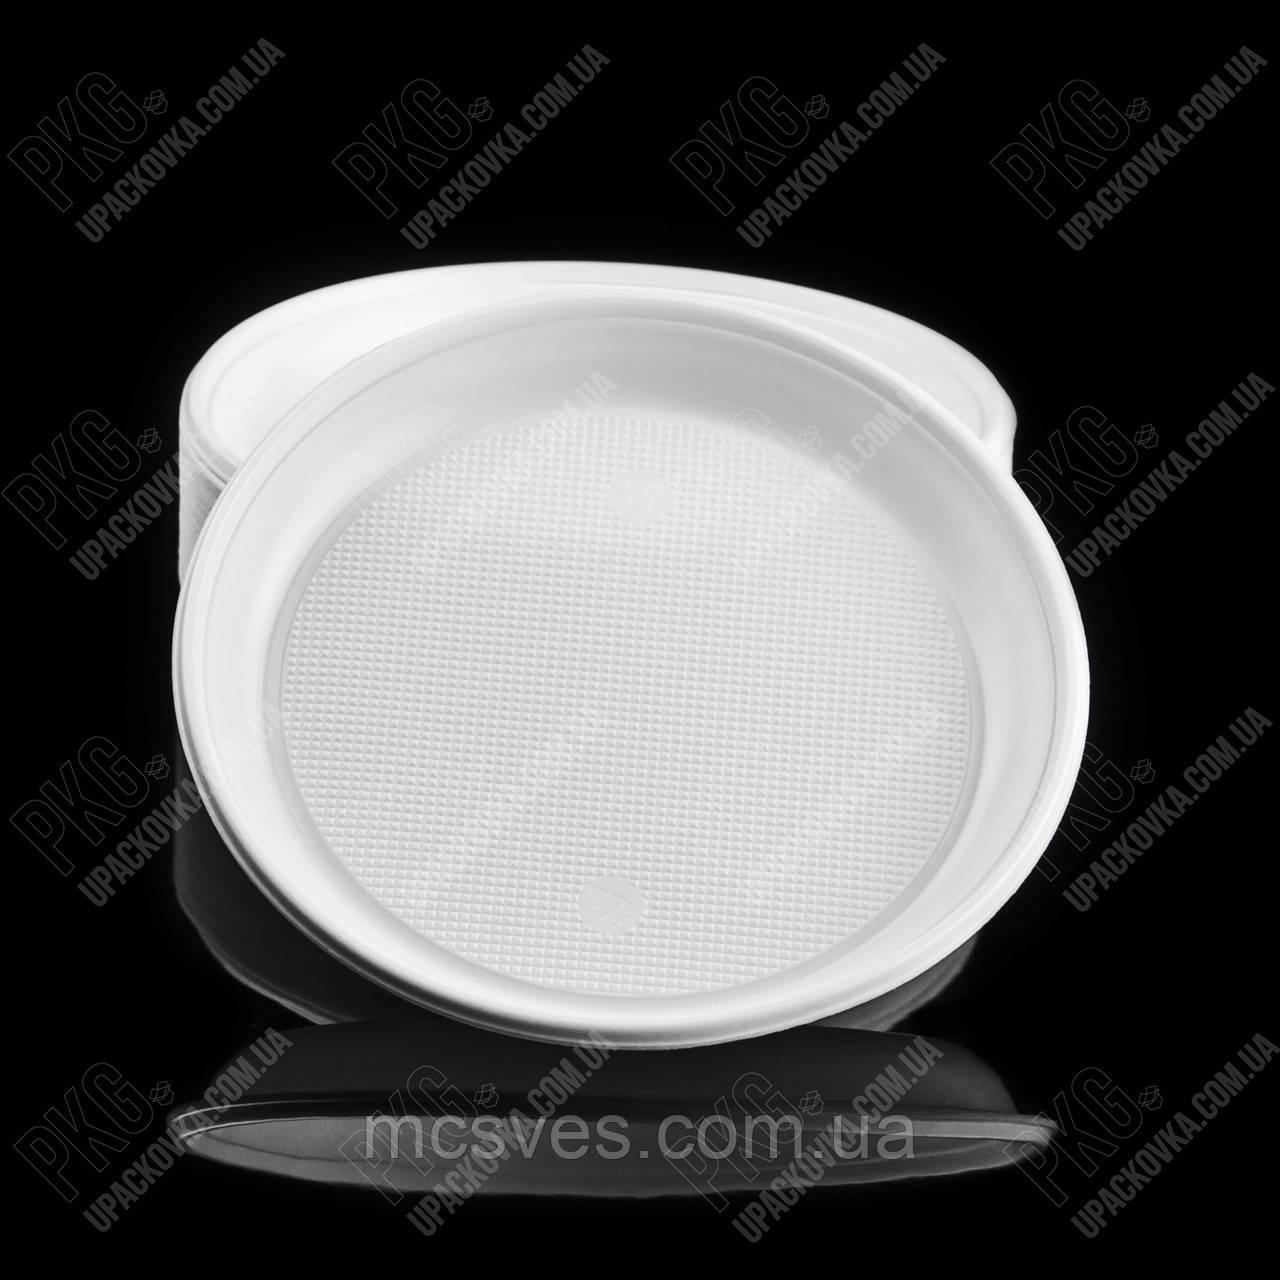 Тарелка d=205мм ПС белая